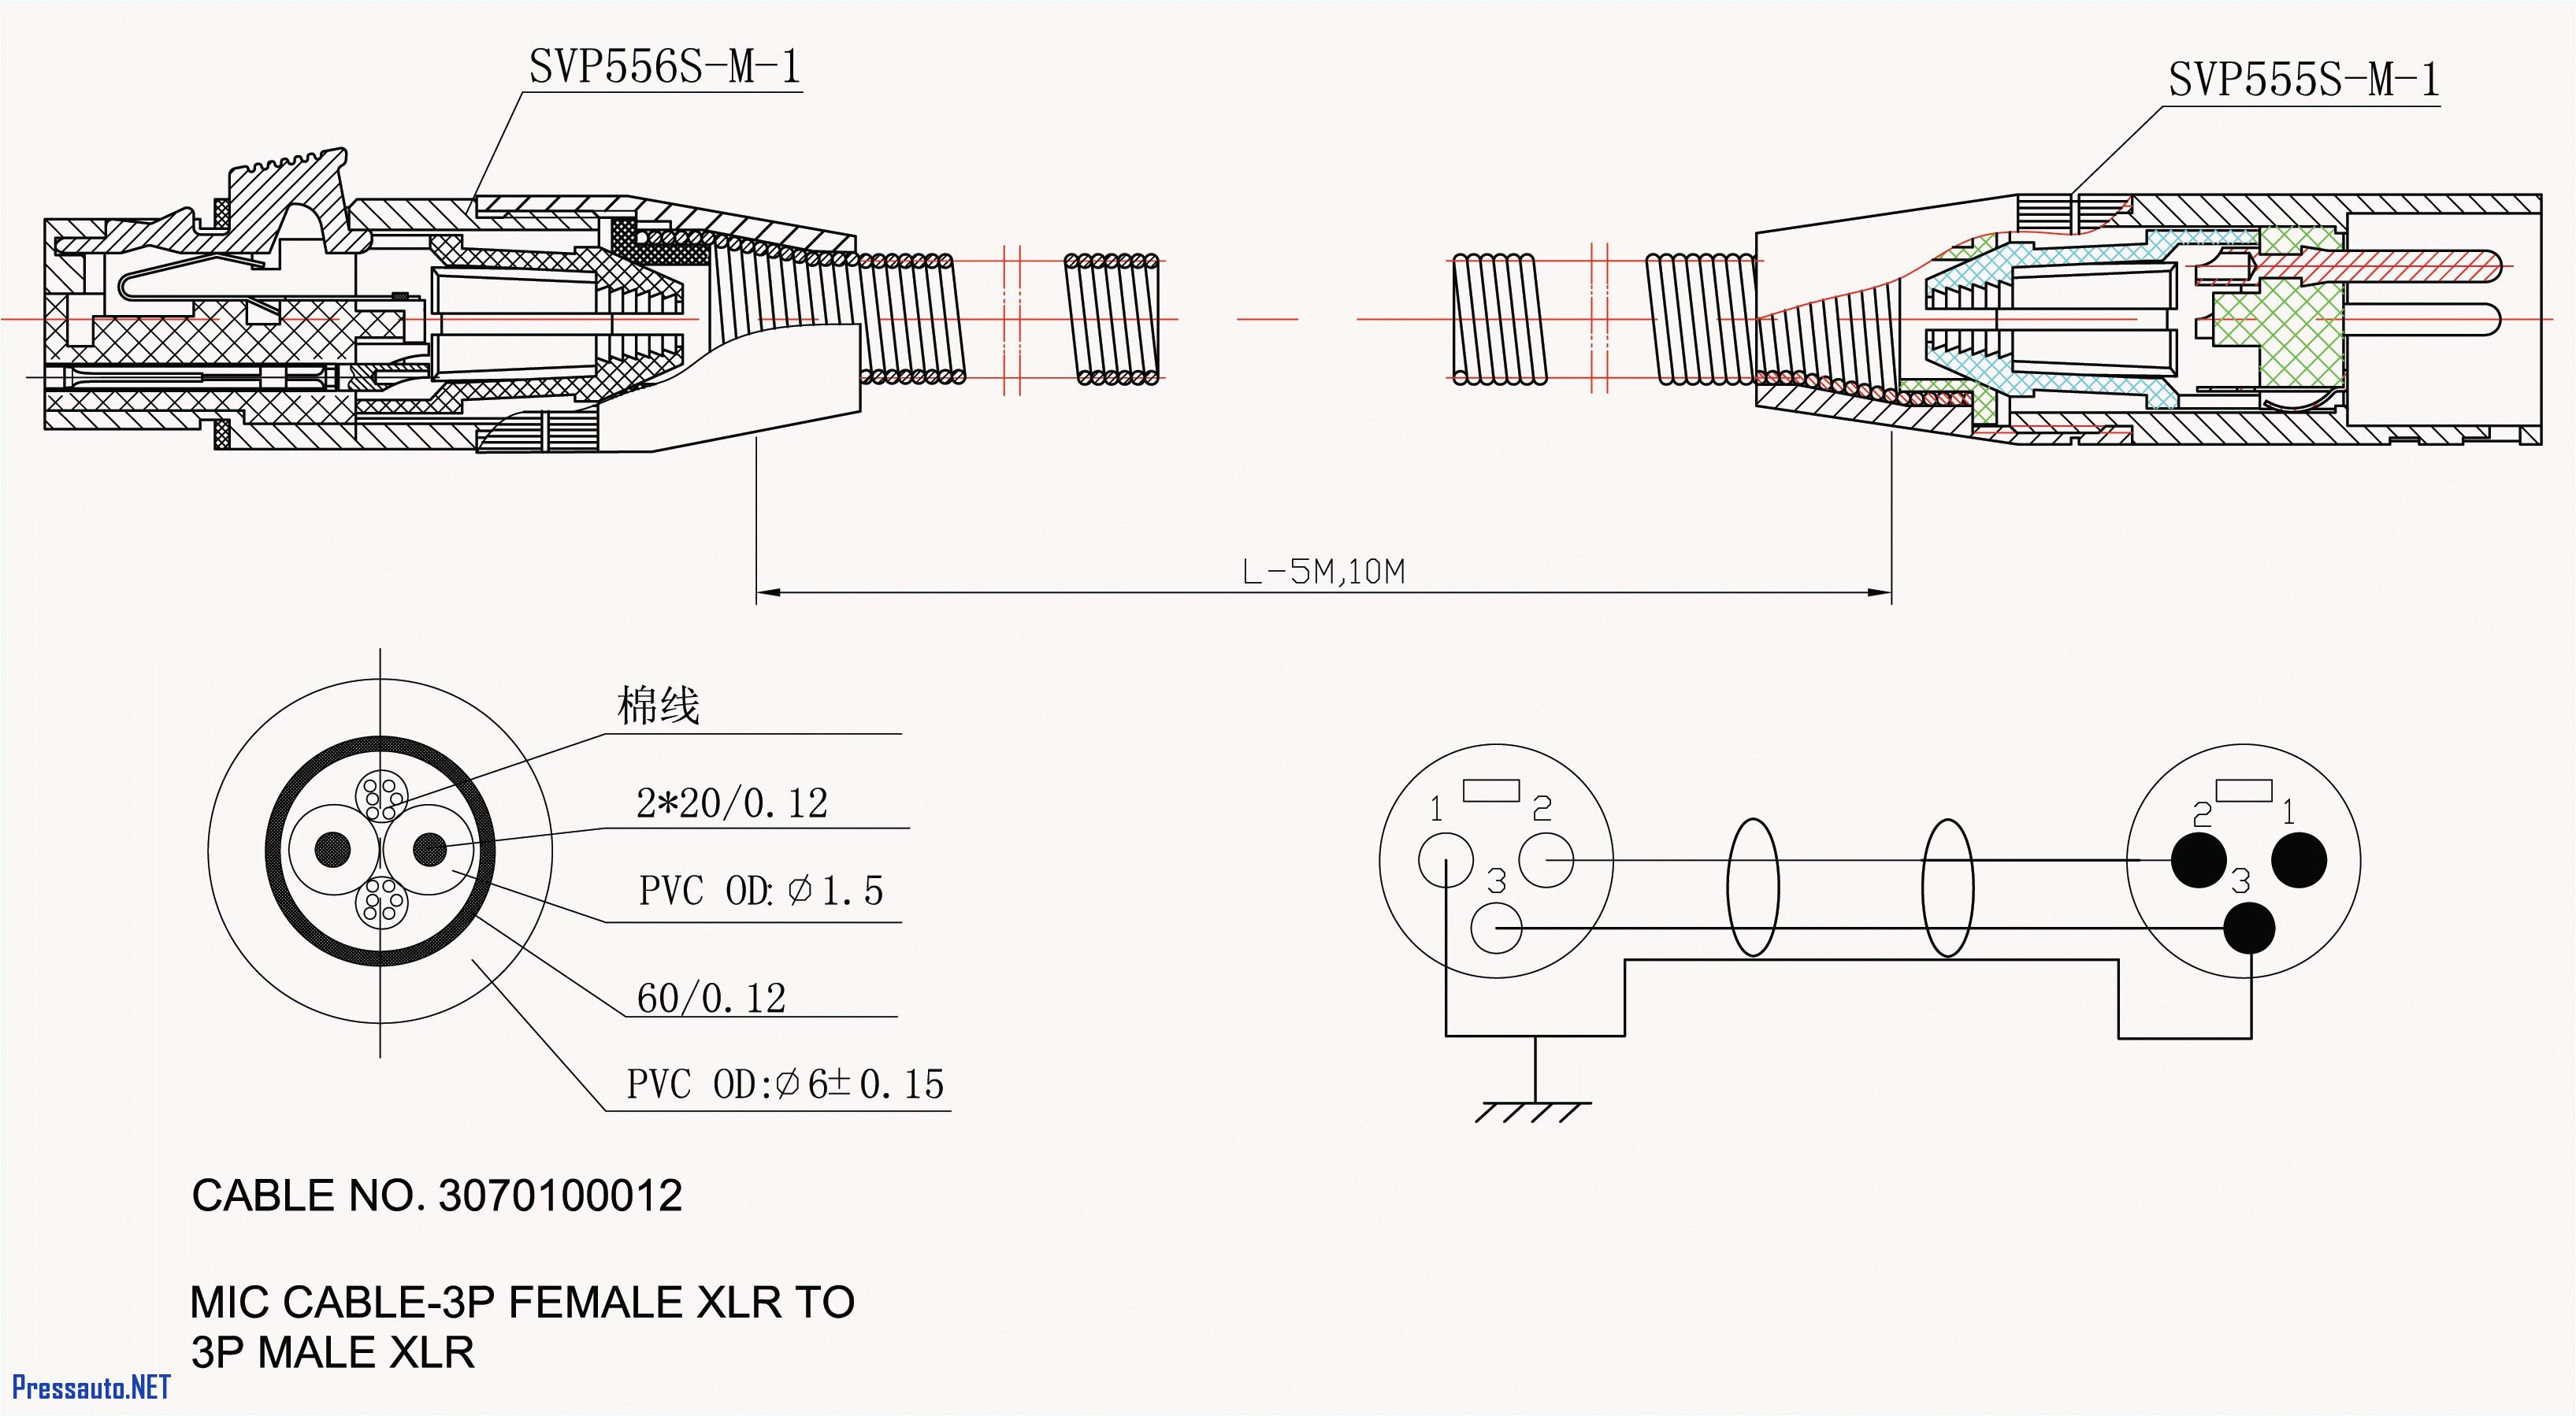 24 volt 8030 alternator wiring diagram wiring diagram expert 24 volt 8030 alternator wiring diagram